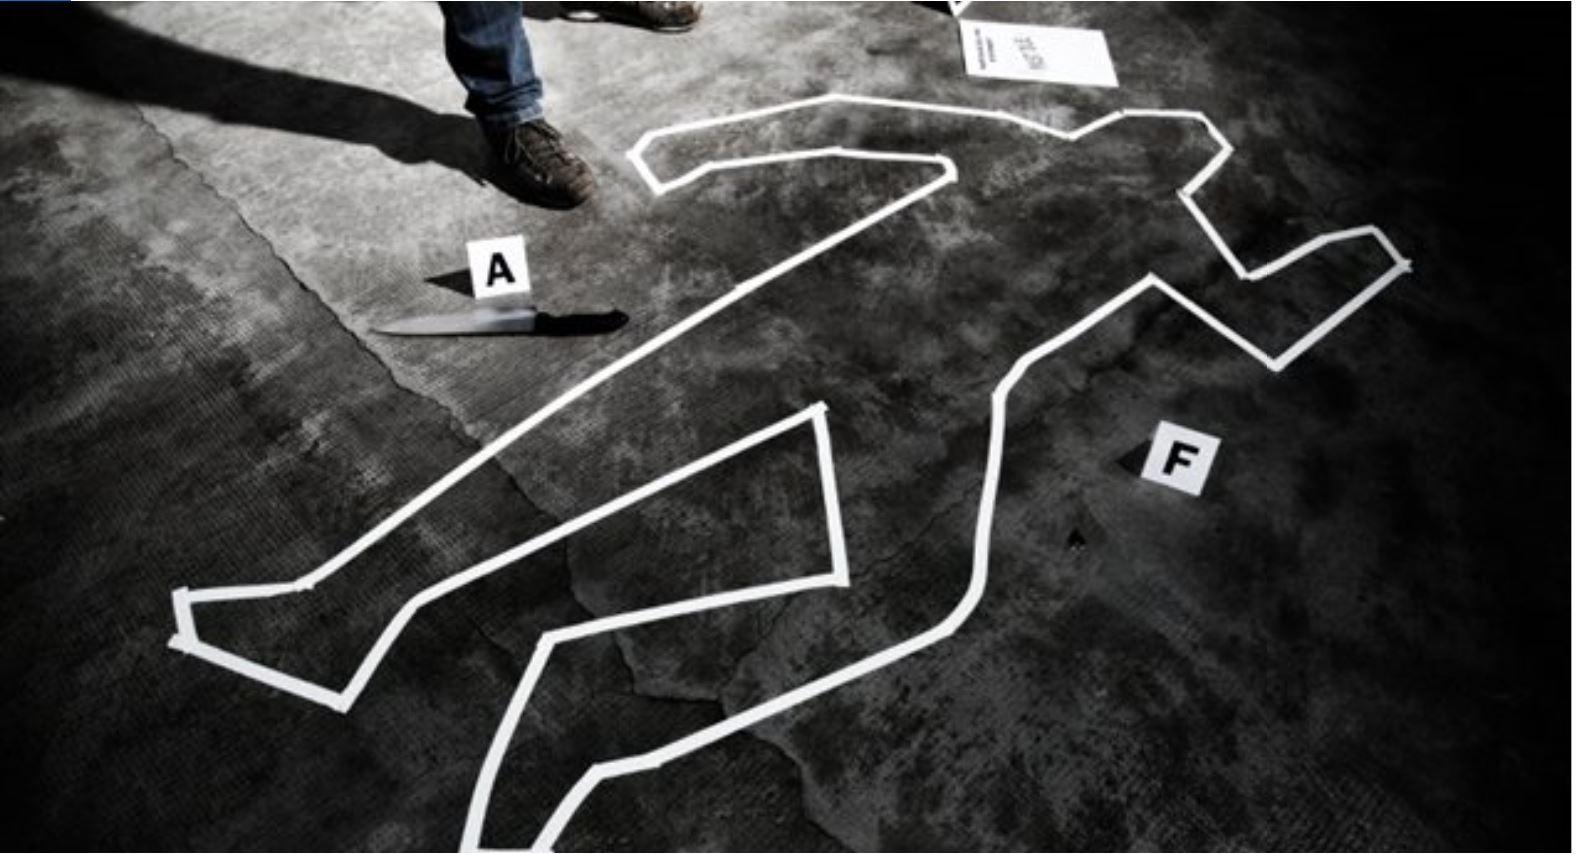 Coubanao : Il tue son père et fait admettre son neveu aux urgences